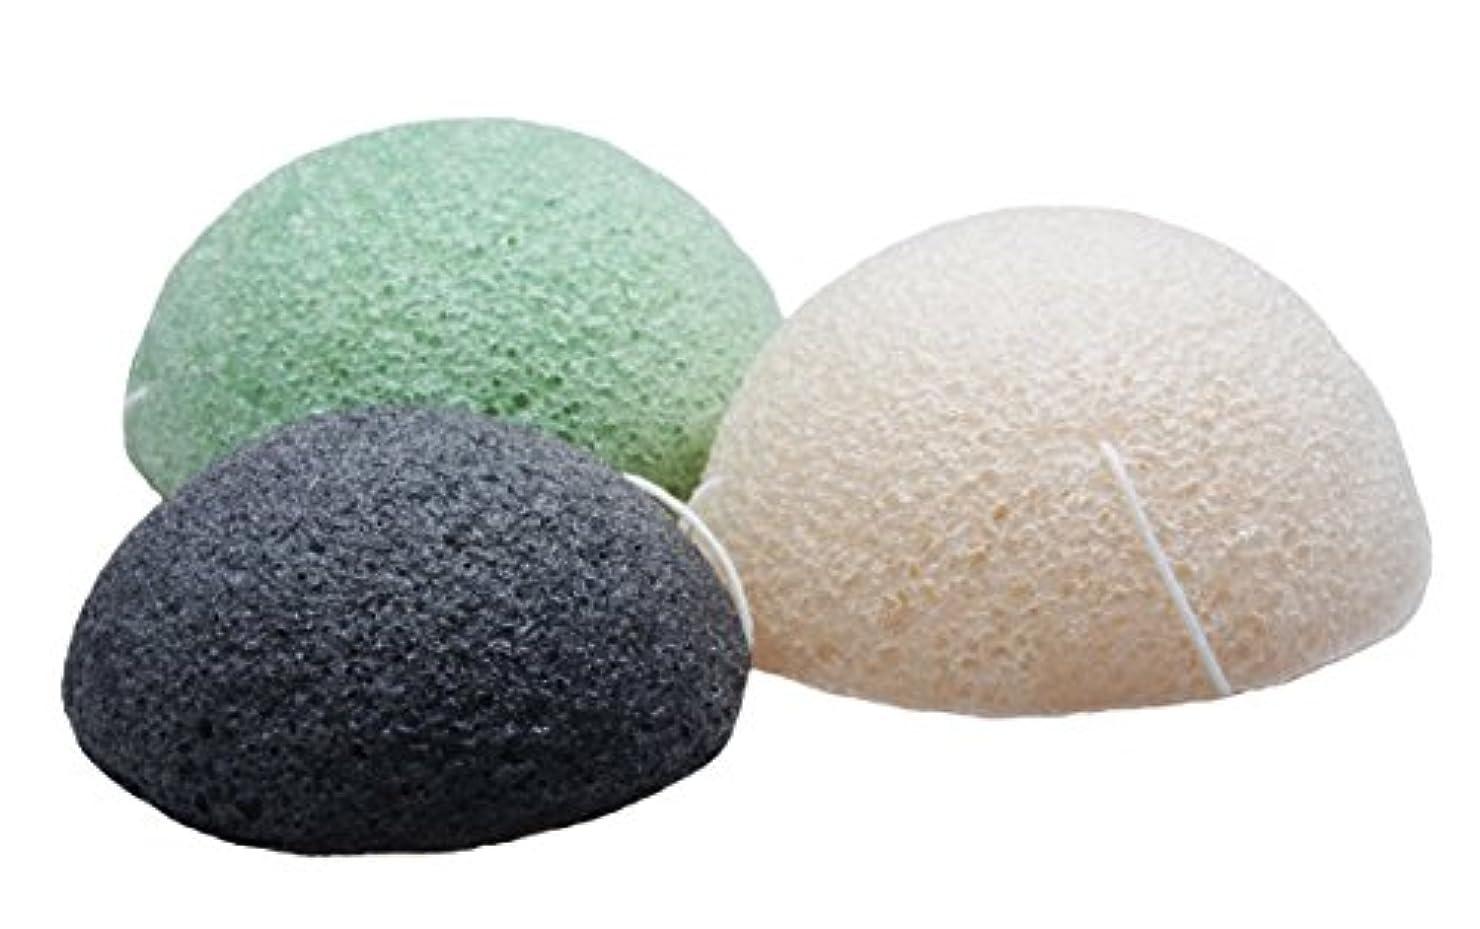 Sinland こんにゃくスポンジ 蒟蒻洗顔マッサージパフ 3色セット 乳白 緑茶 竹炭